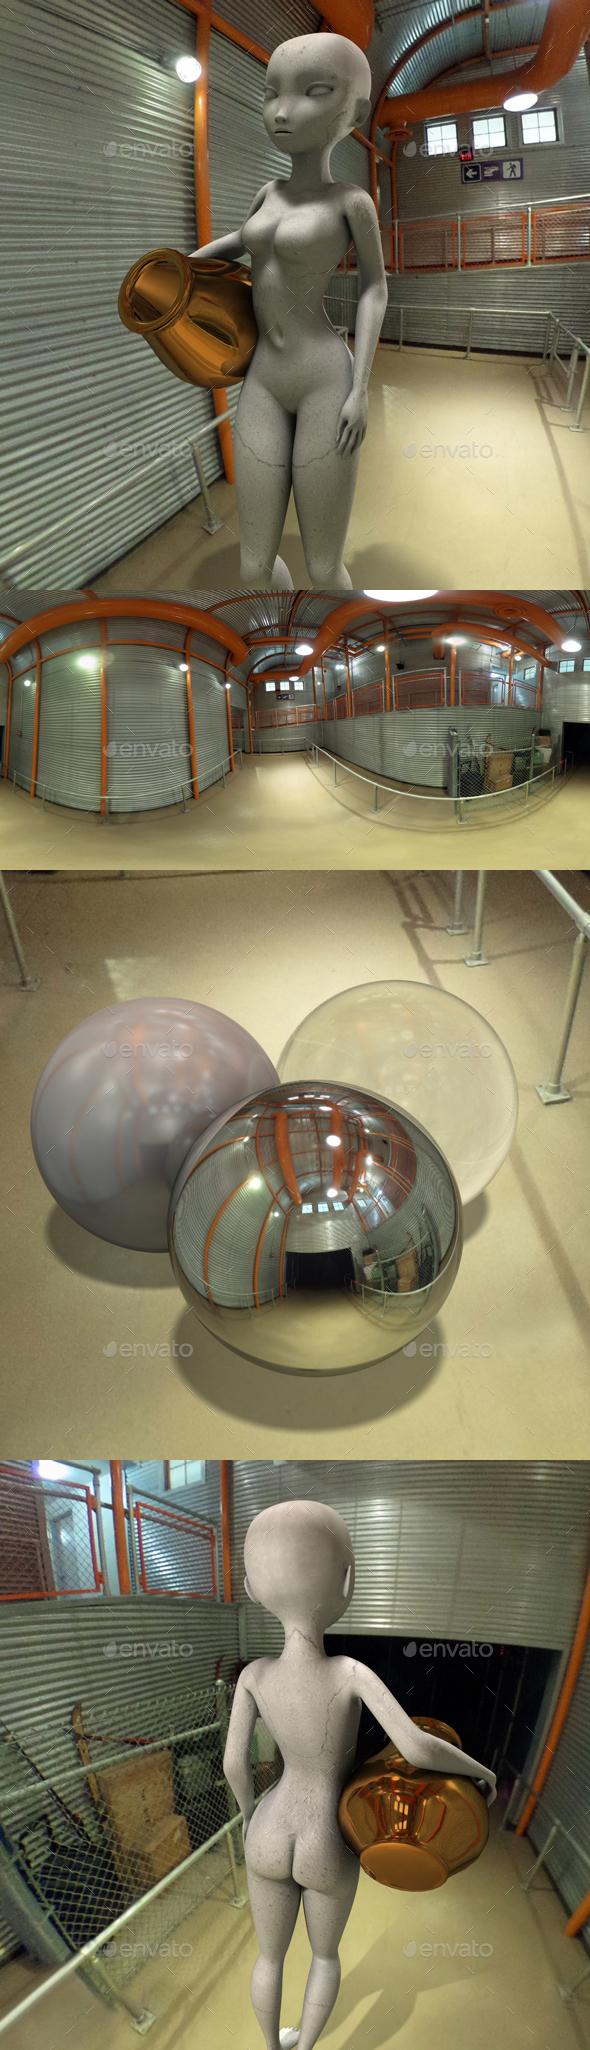 Industrial Metal Interior HDRI - 3DOcean Item for Sale